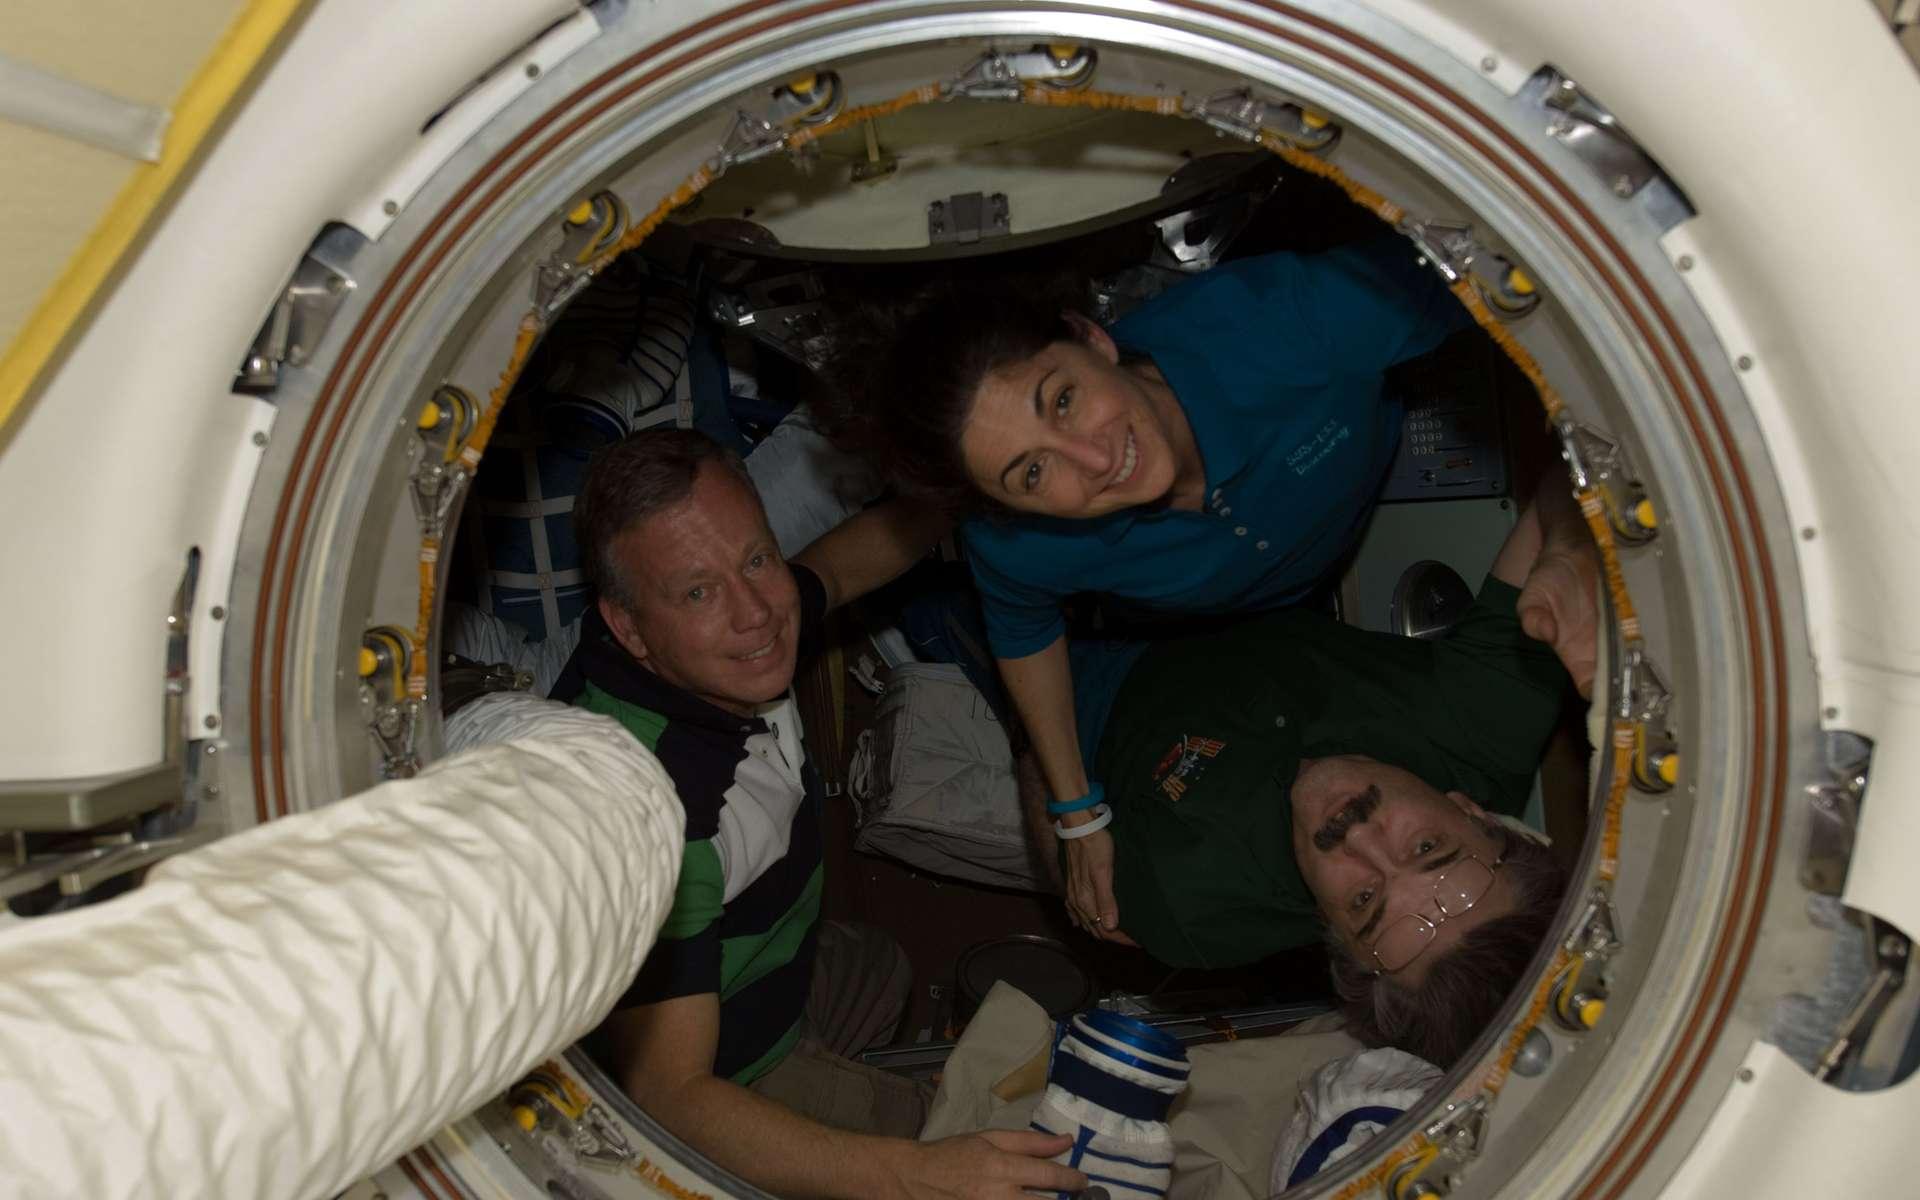 Pour envoyer des hommes et des femmes à bord de la Station spatiale, la Nasa est contrainte d'utiliser les capacités russes bien plus longtemps qu'elle ne l'avait planifié. Les remplaçants américains de la navette ne pourront pas être opérationnels avant 2015, voire 2017. © Nasa